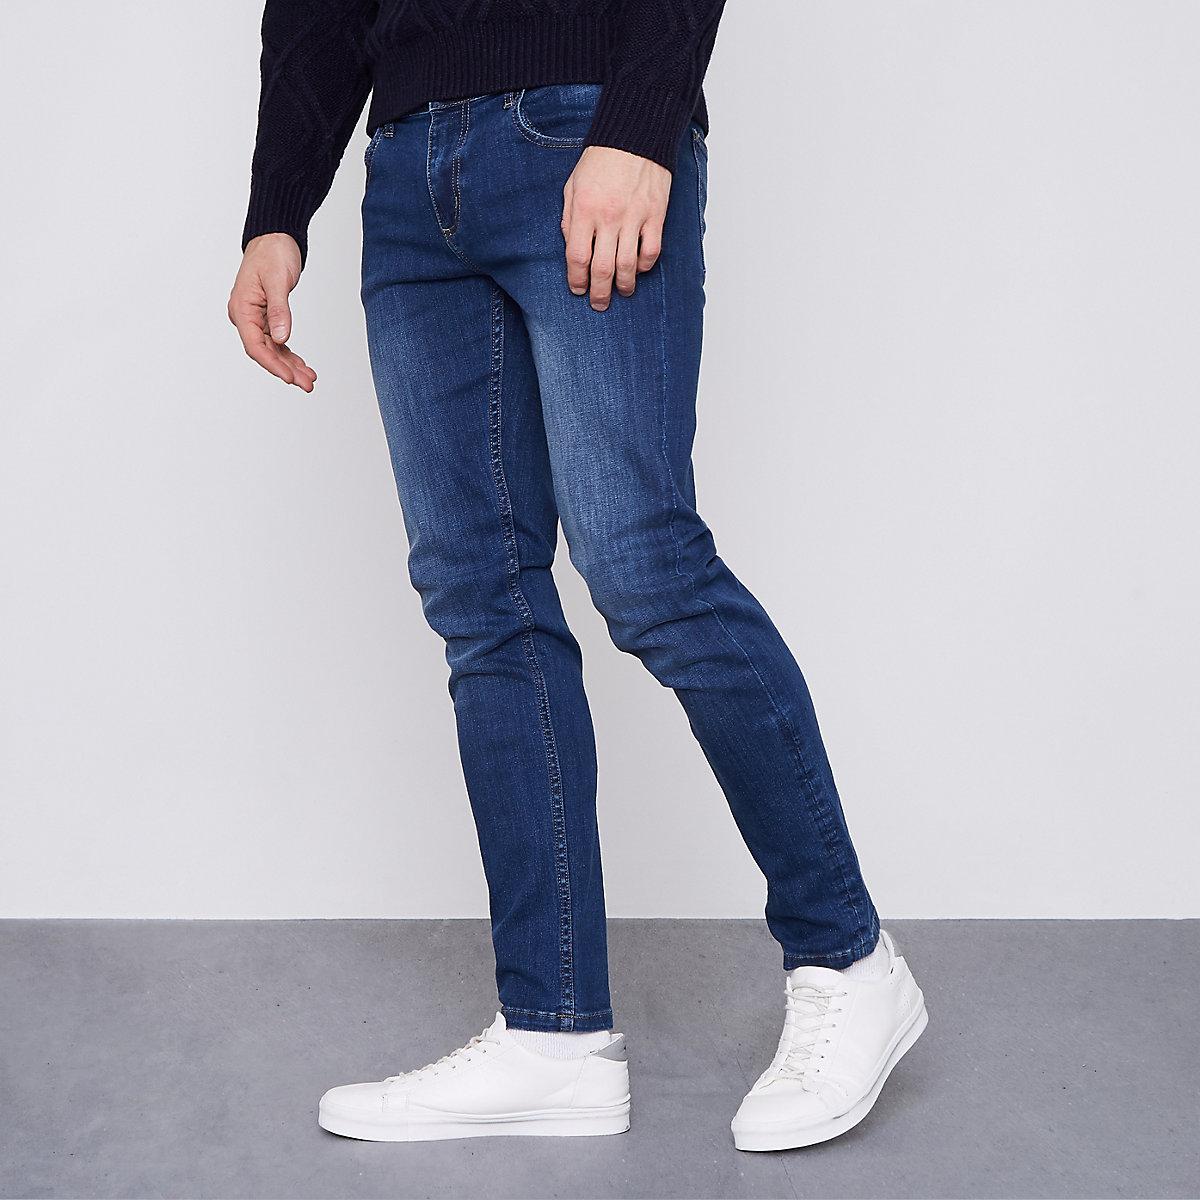 Monkee Genes dark blue classic skinny jeans